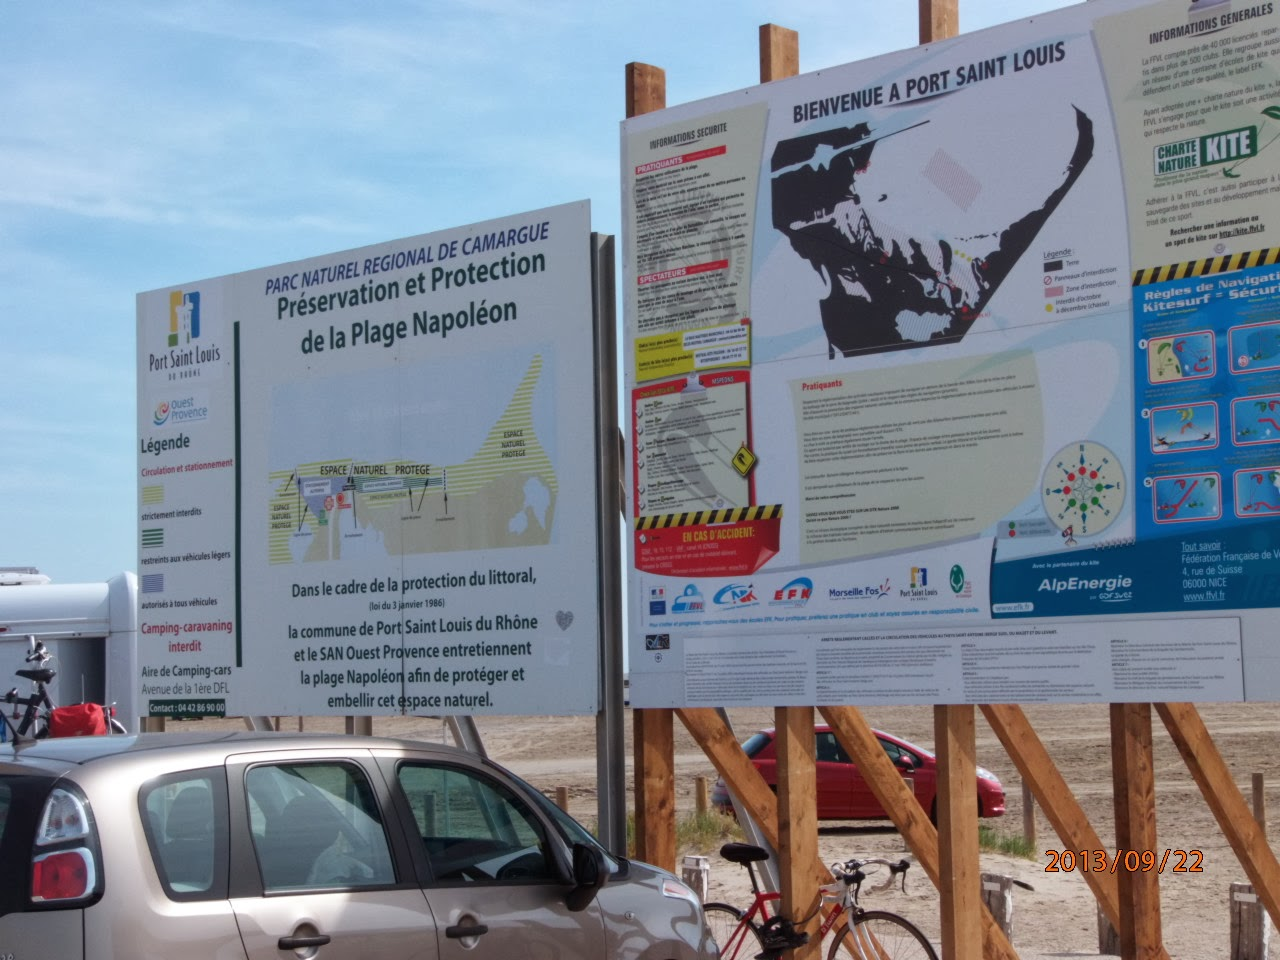 Vendanges sur notre route des vendanges 2013 port saint - Plage napoleon port saint louis du rhone ...